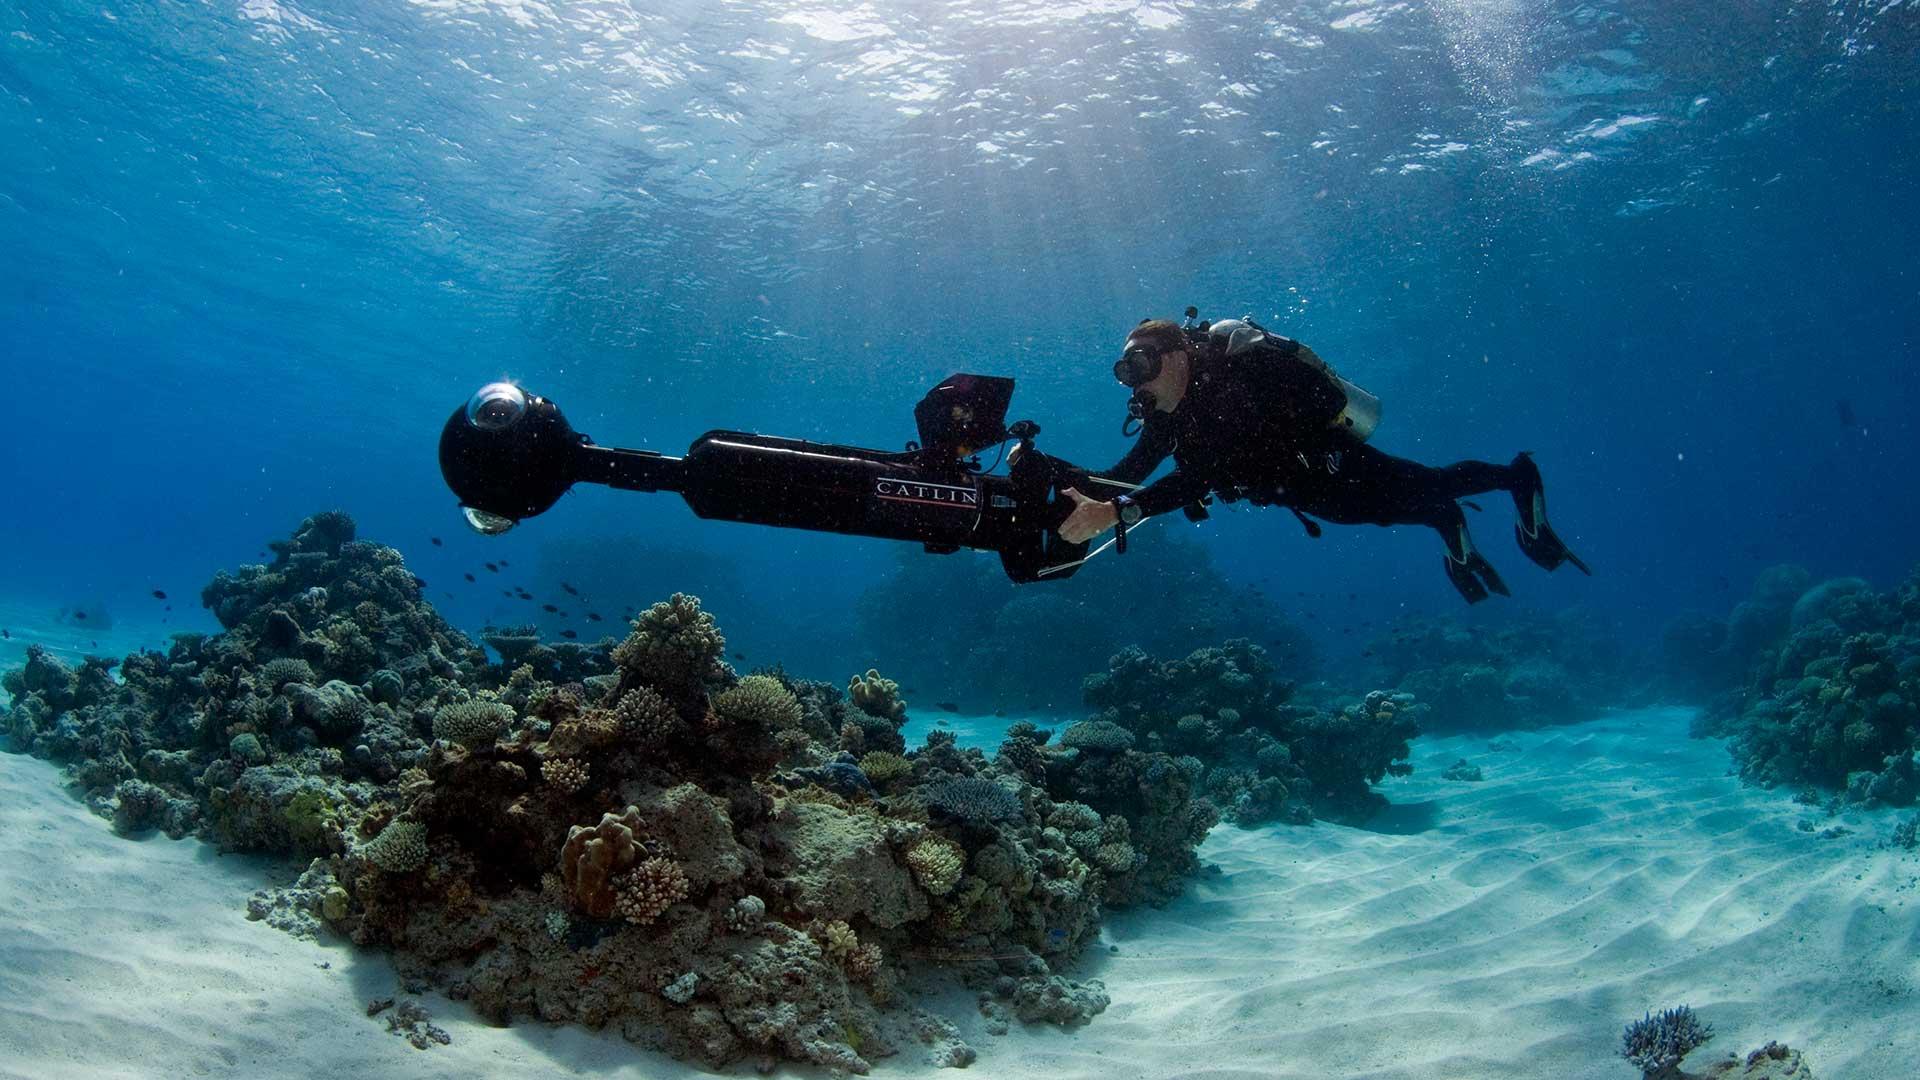 دیدن دنیای زیر آب به صورت سیصد و شصت درجه توسط گوگل مپ